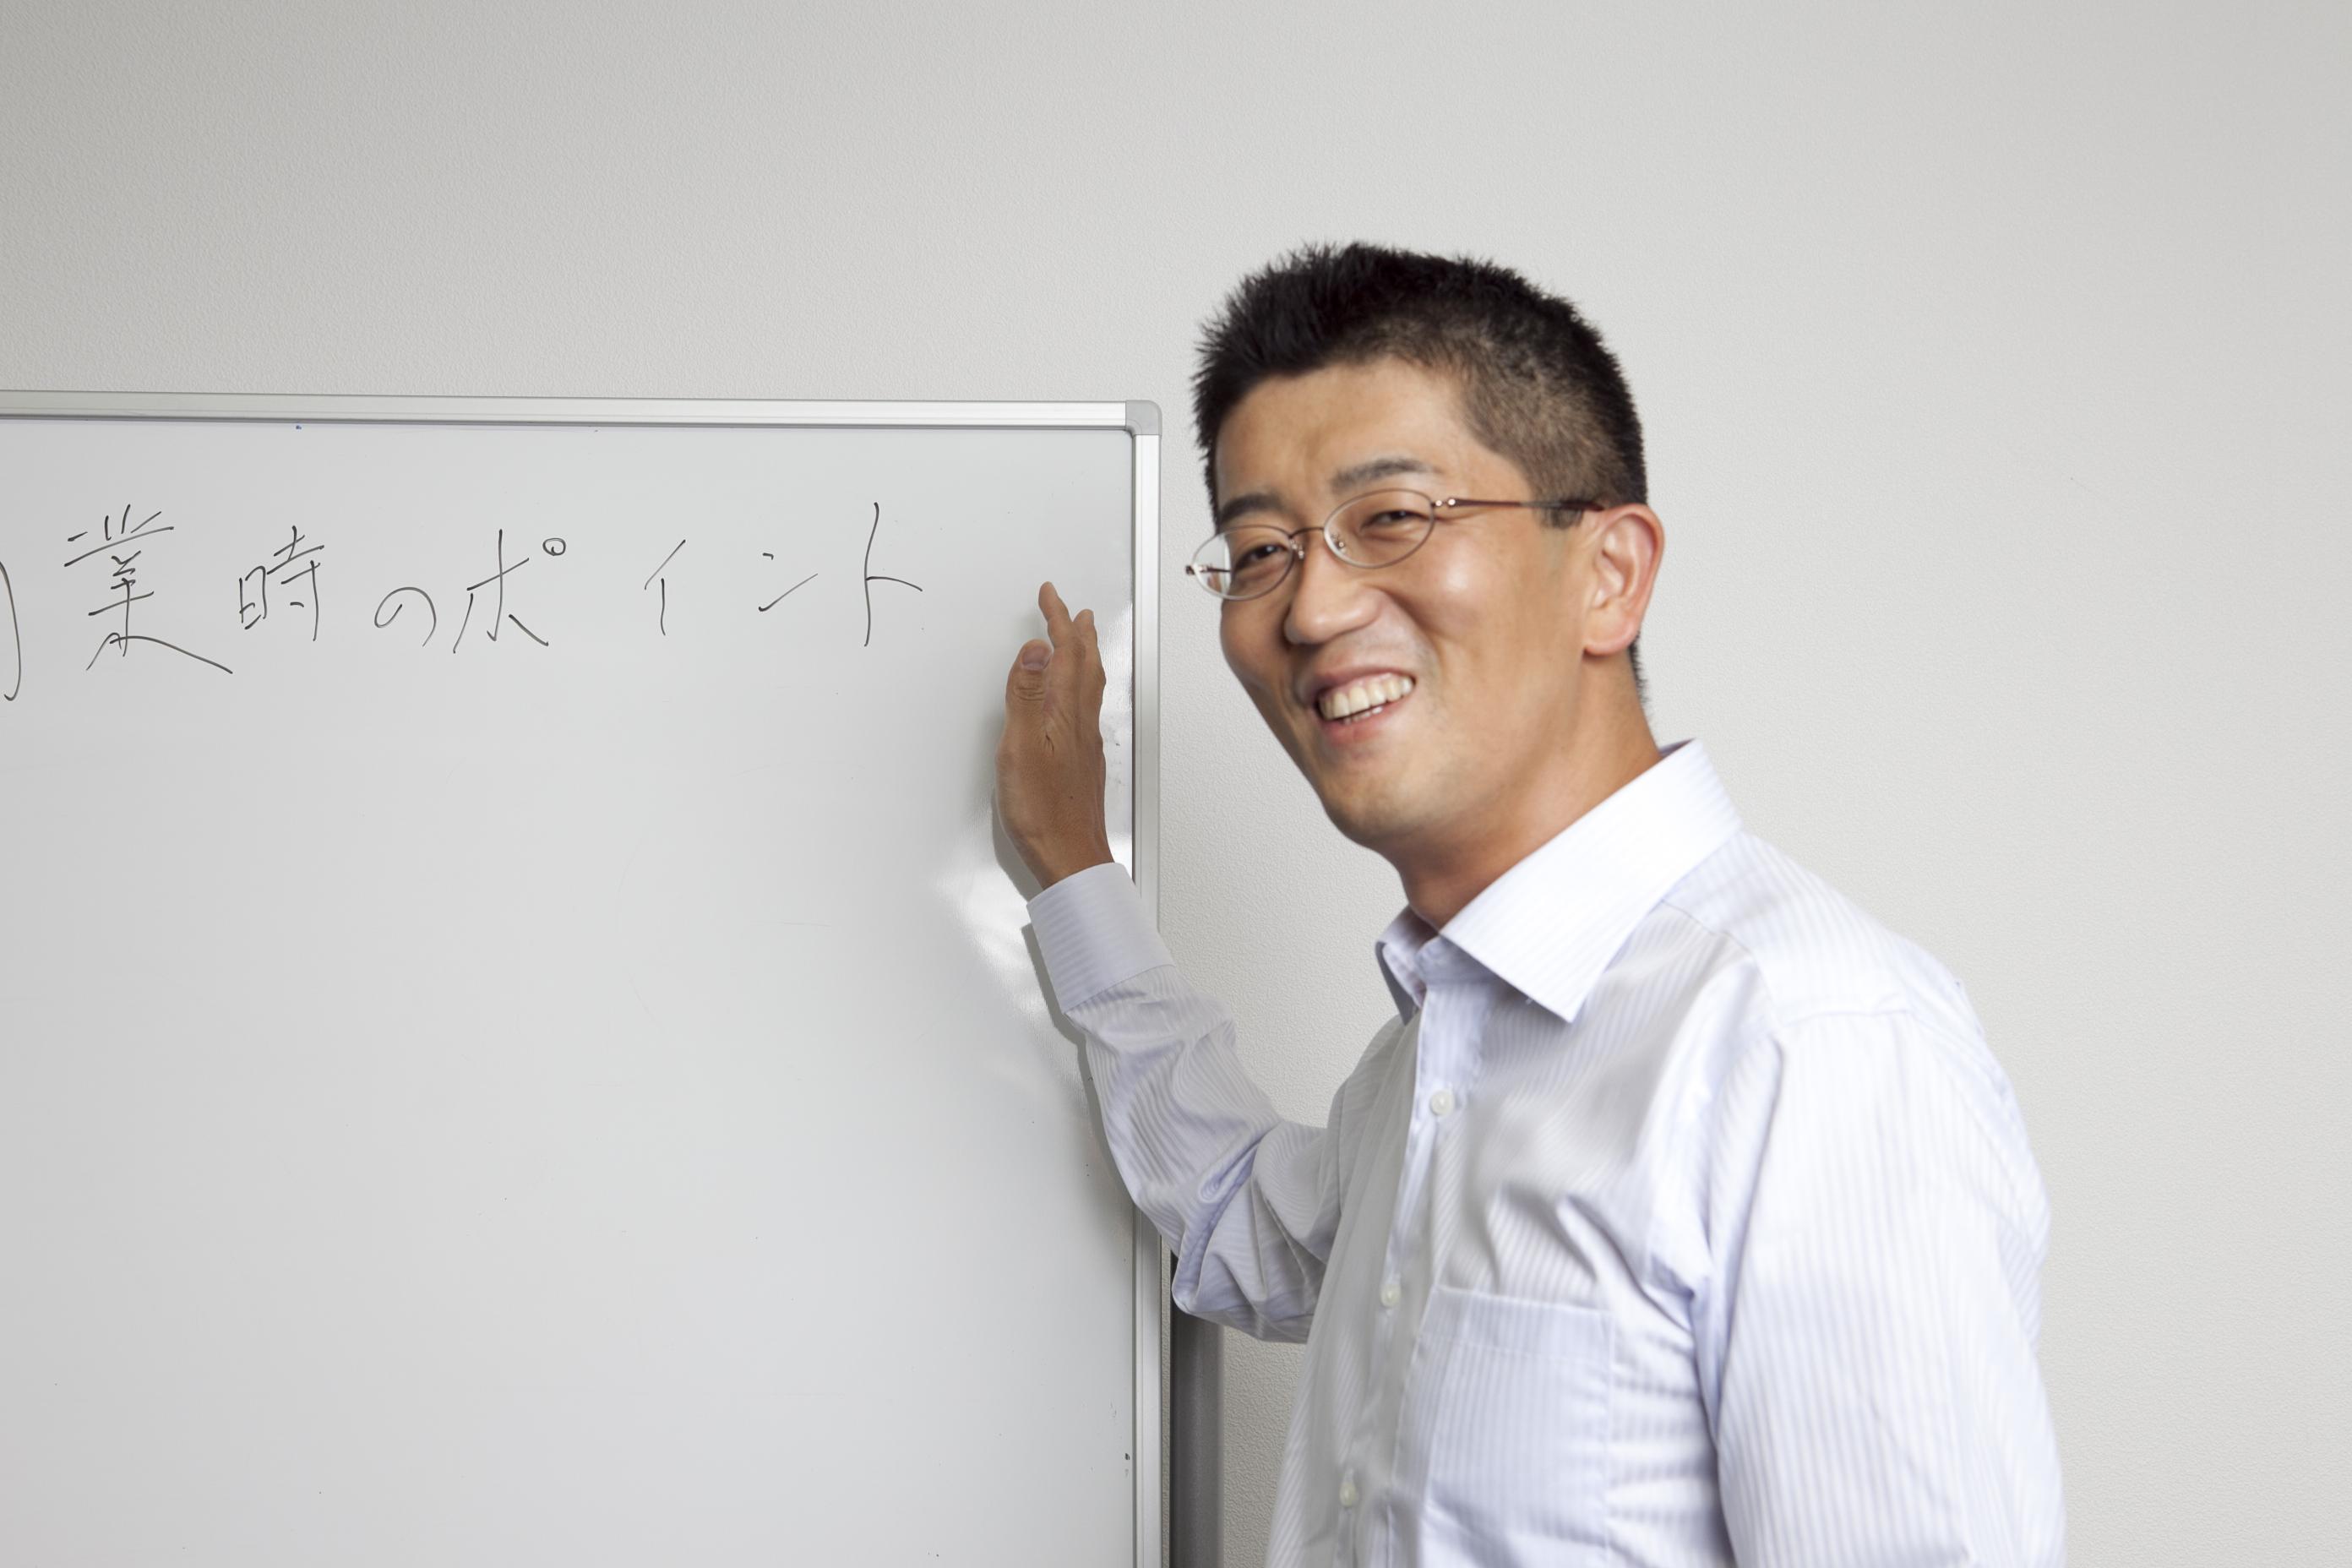 税理佐藤充宏のちょっと照れている写真です。